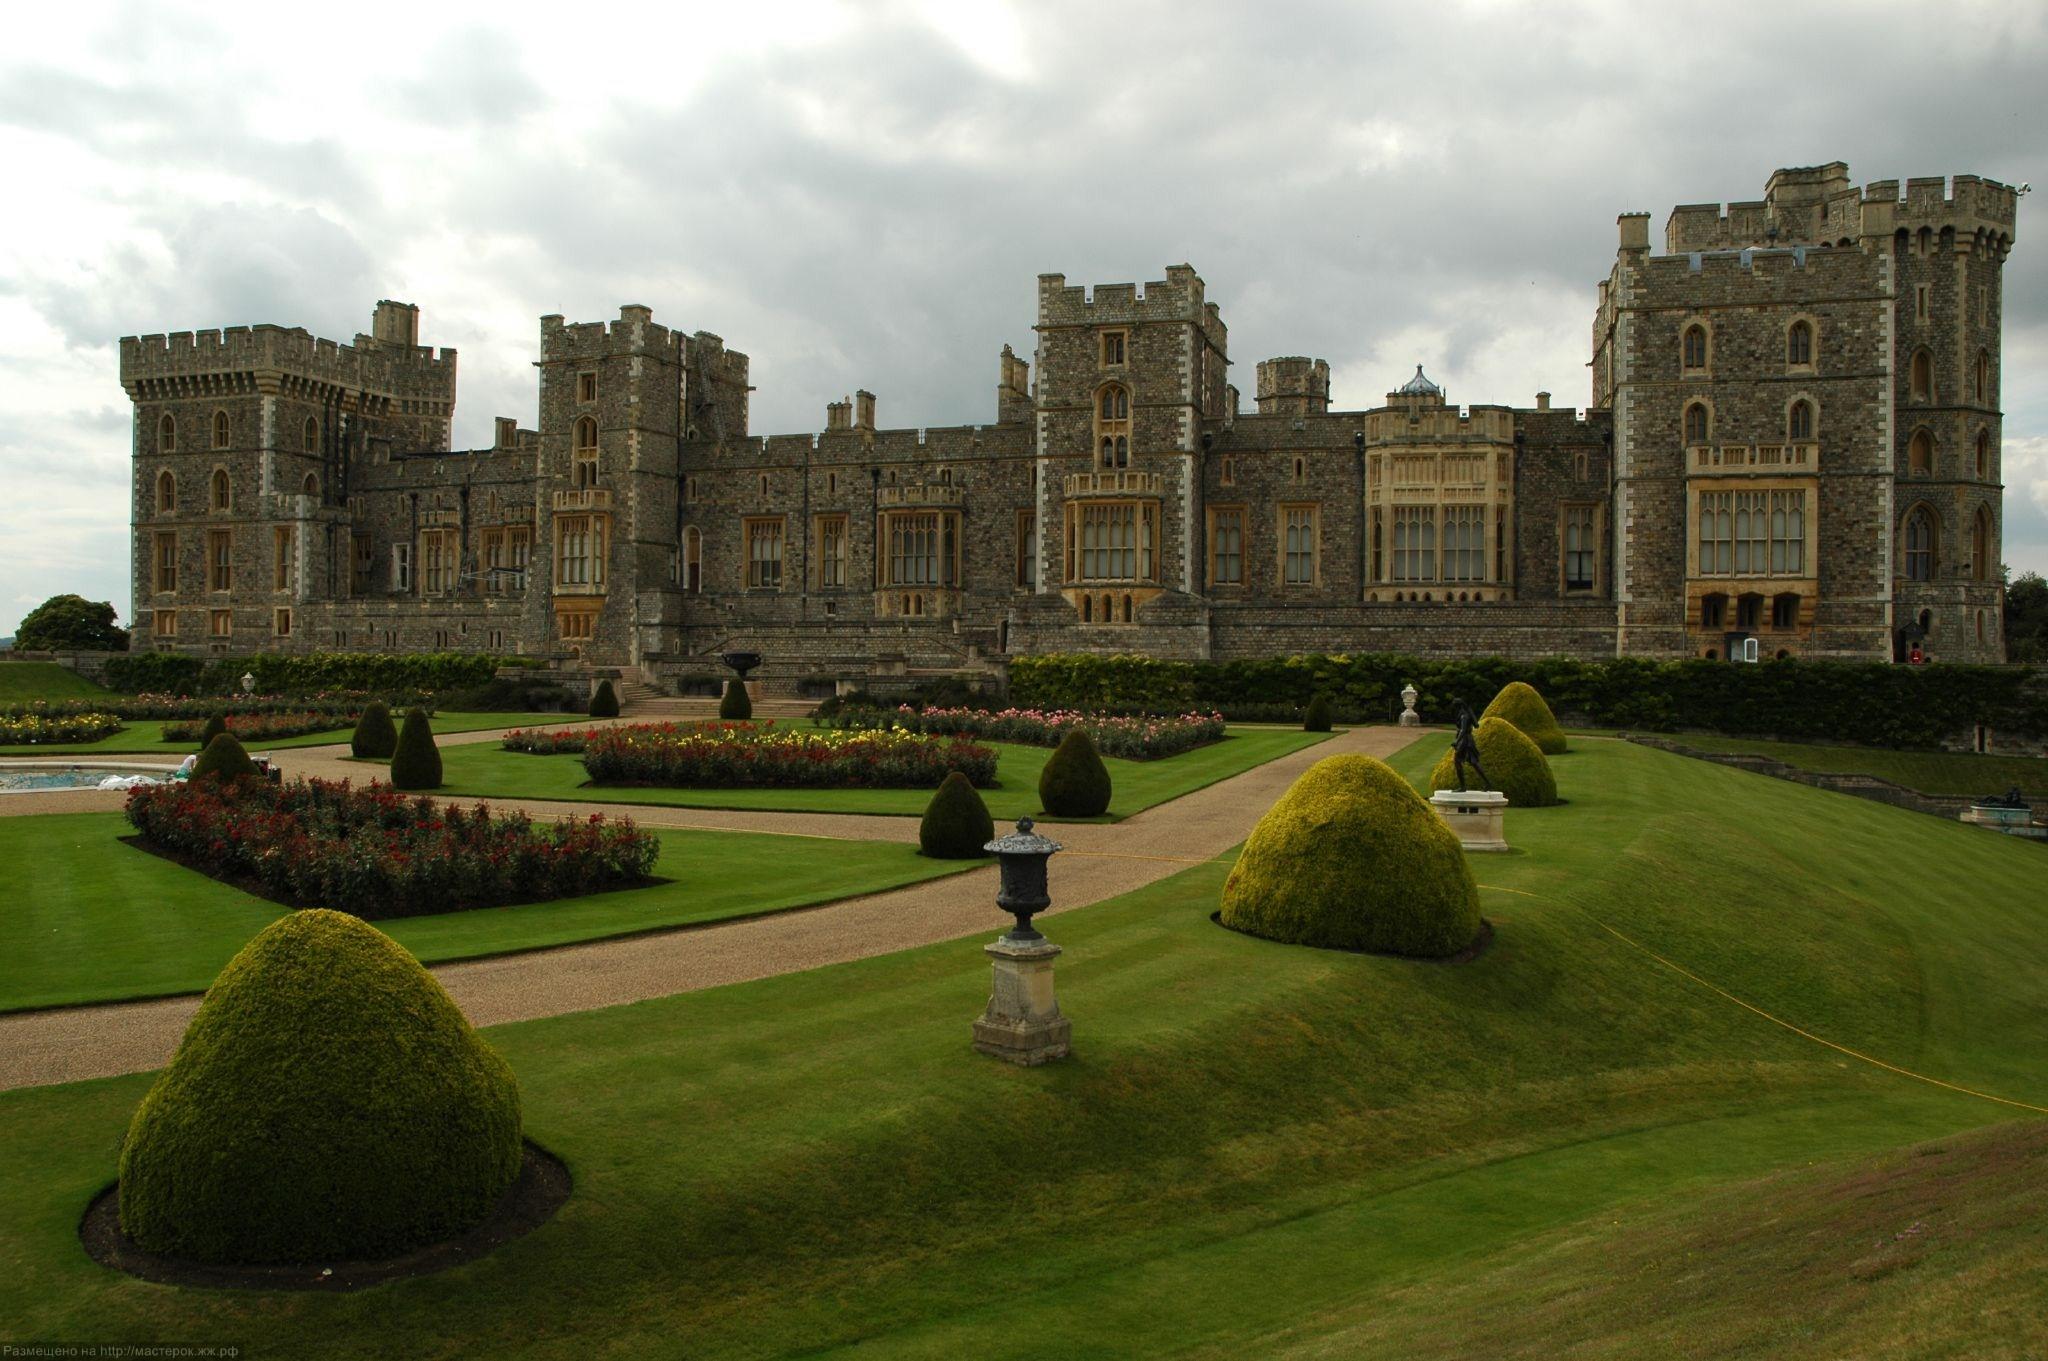 английские замки и дворцы